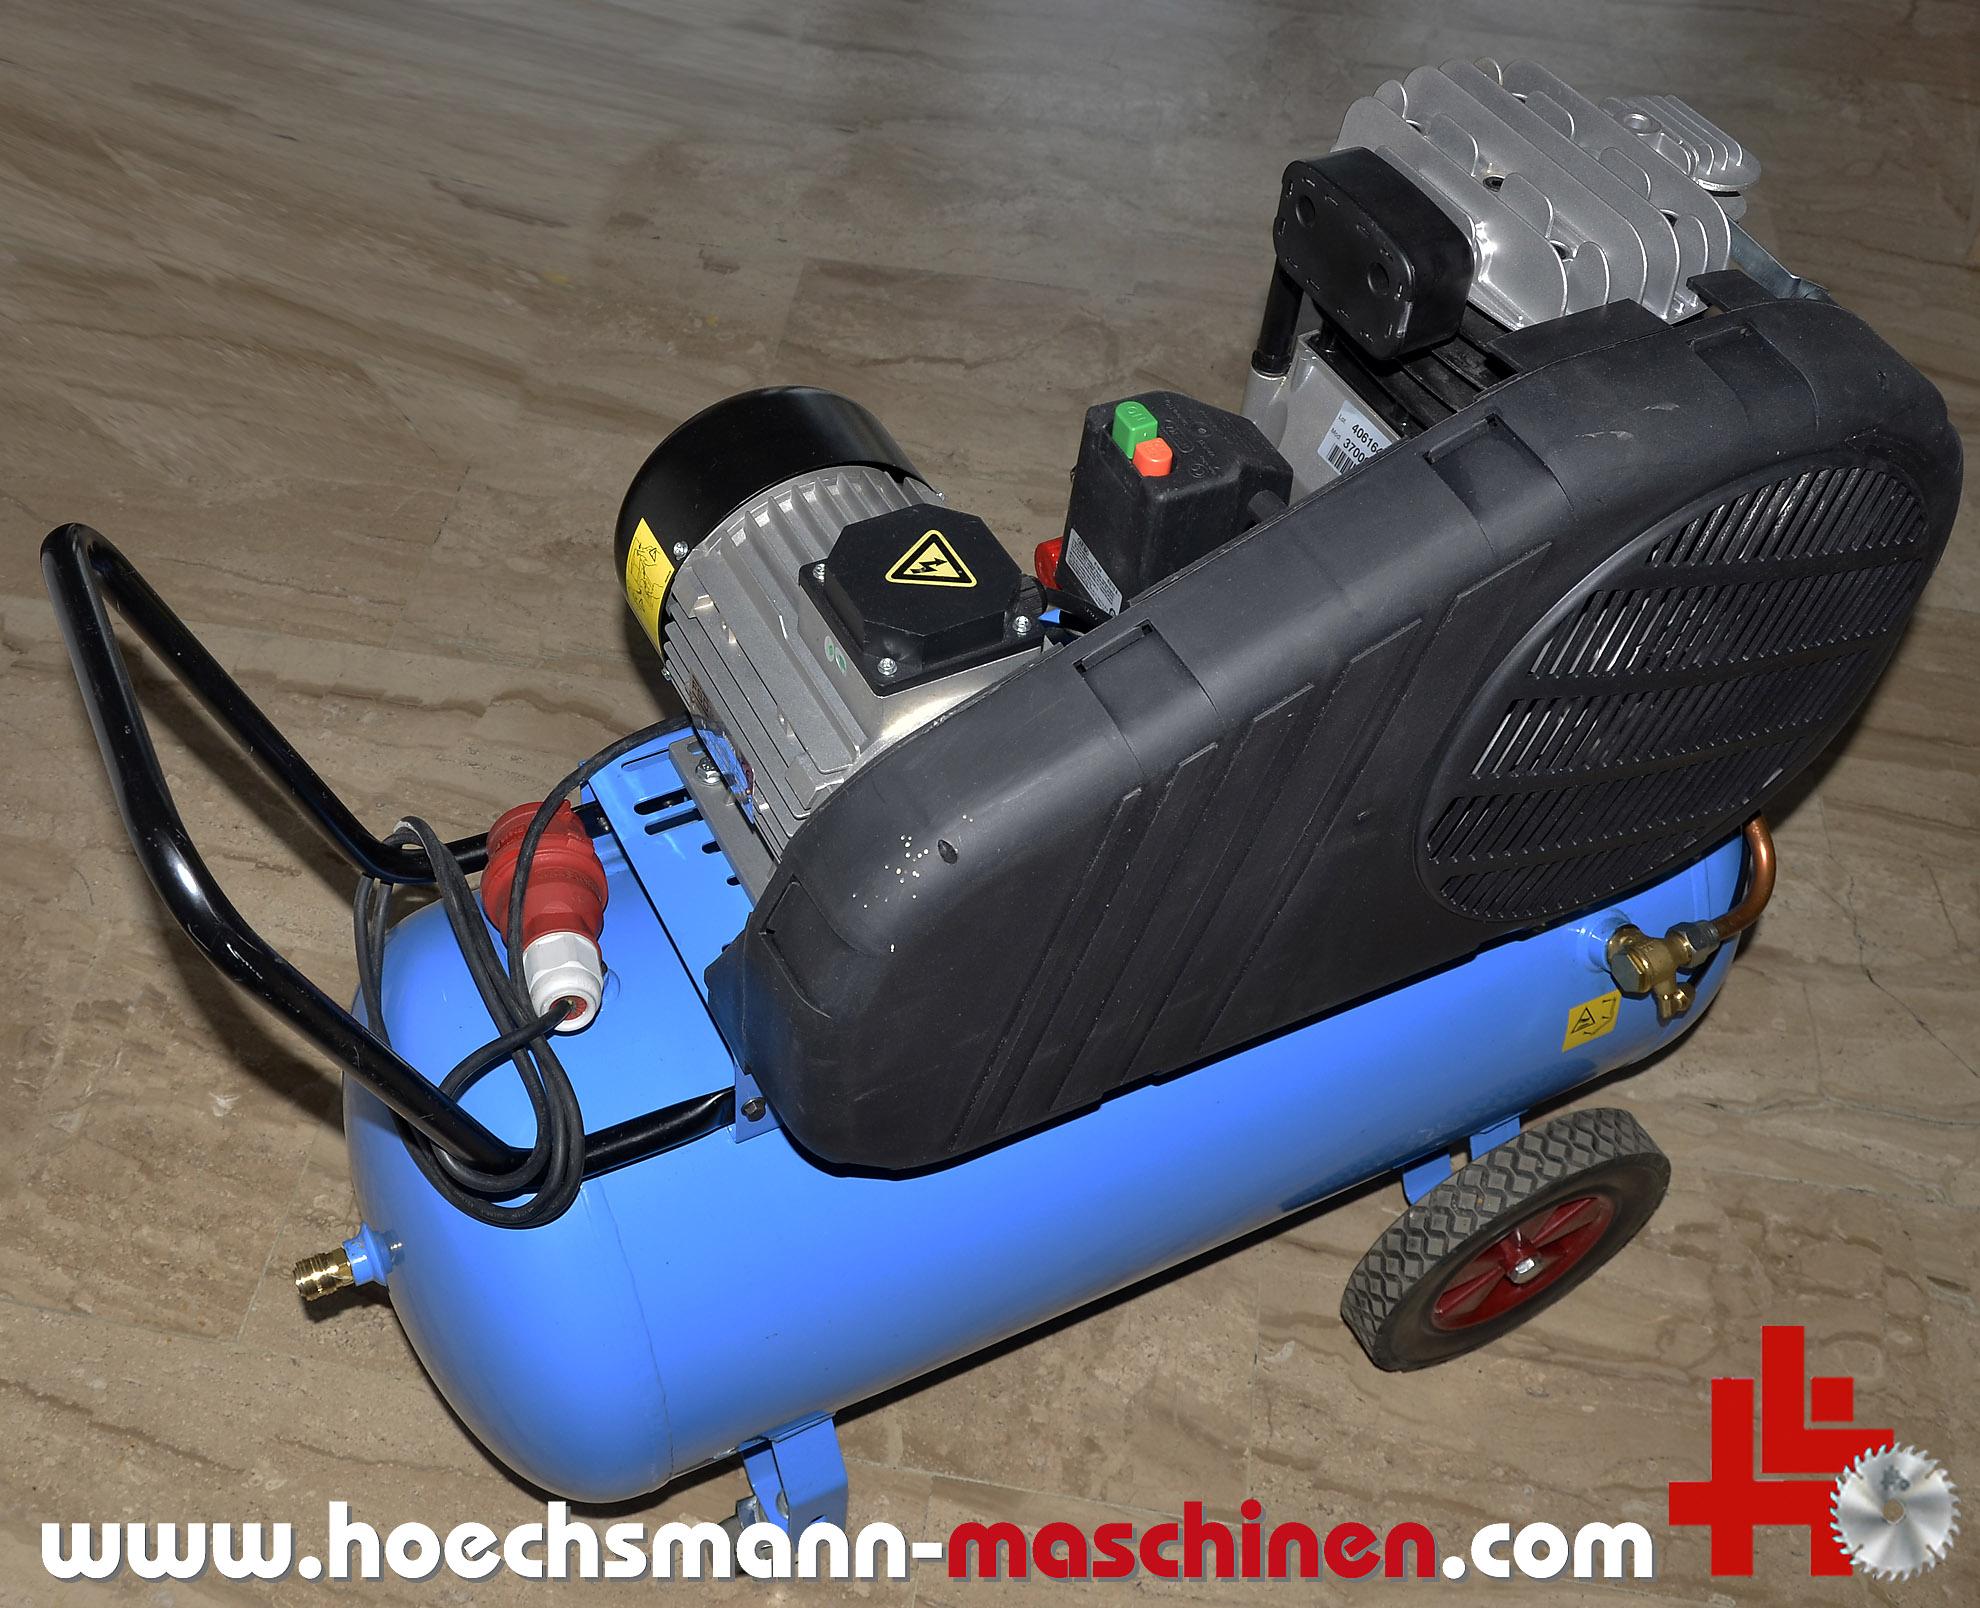 g de druckluft kompressor 580 gebraucht von hoechsmann maschinen holzbearbeitungsmaschinen neu. Black Bedroom Furniture Sets. Home Design Ideas